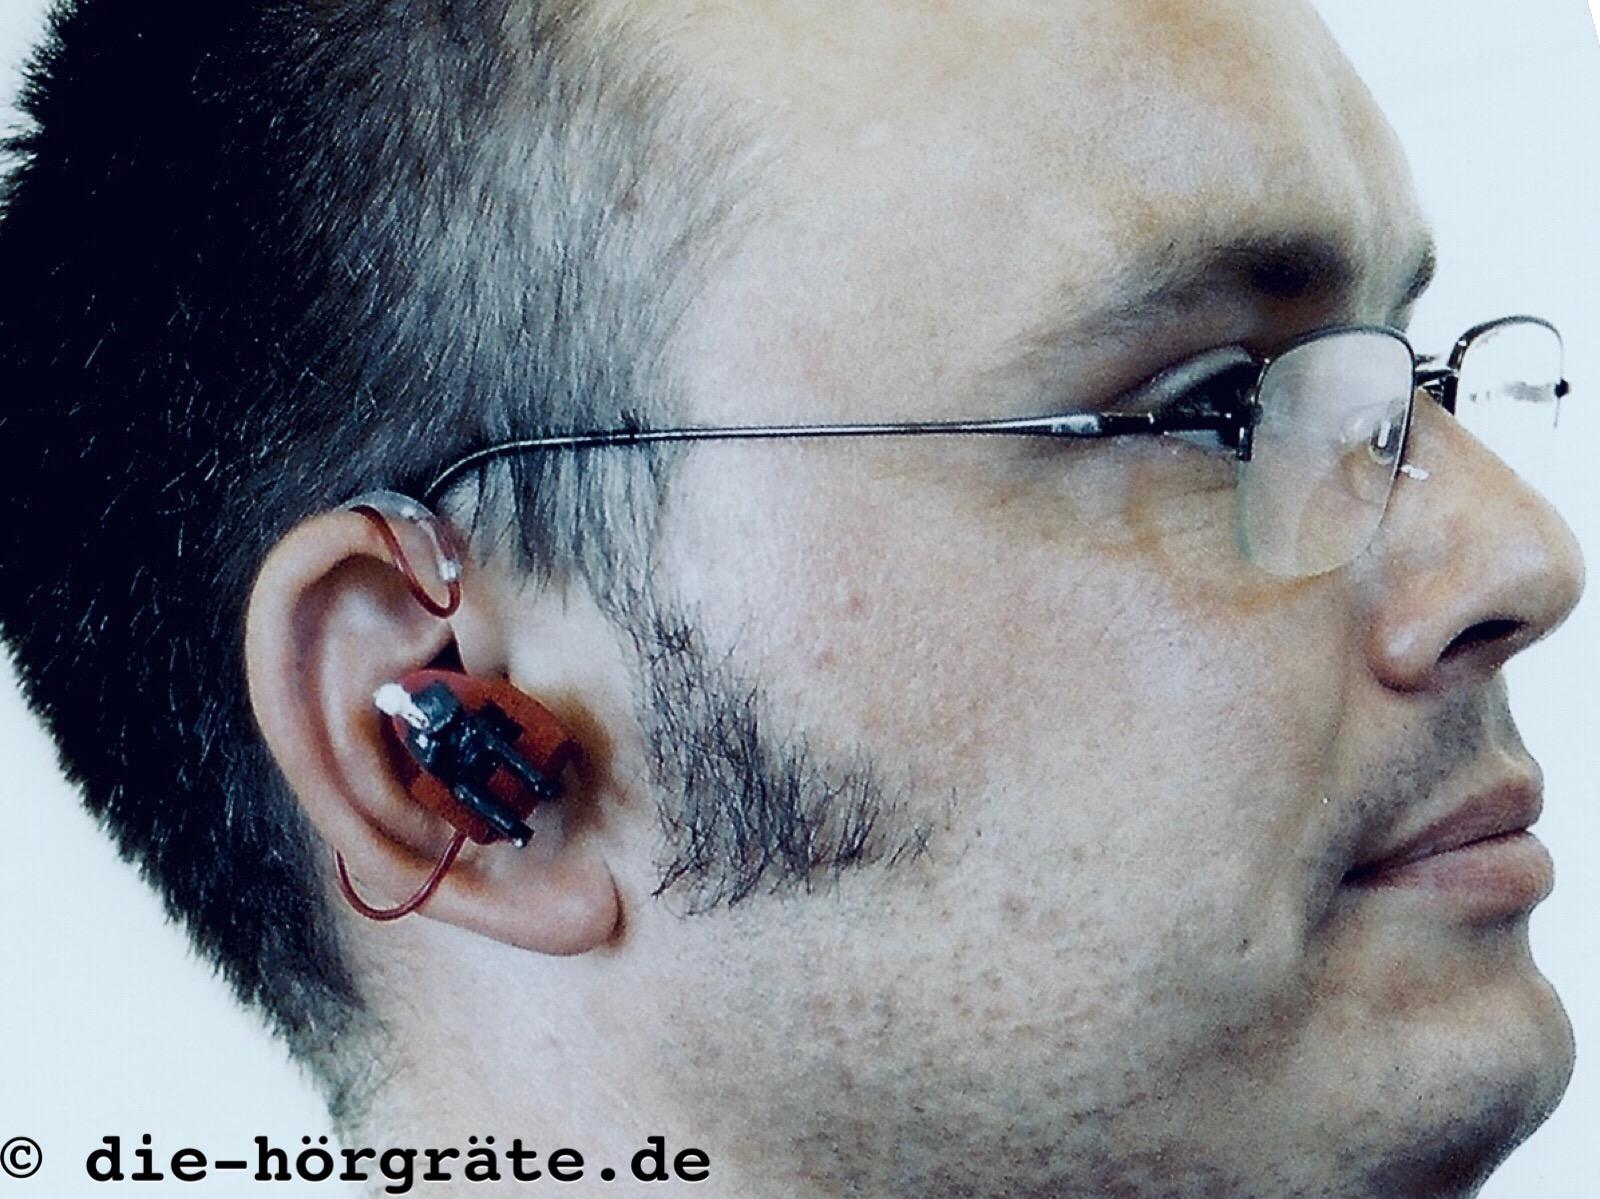 der Blog-Autor Martin Schaarschmidt mit einem gebastelten Politiker-Hörgerät - zu sehen ist der Kopf mit kurzen Haaren und Brille, im Ohr trägt er das Politiker-Hörgerät